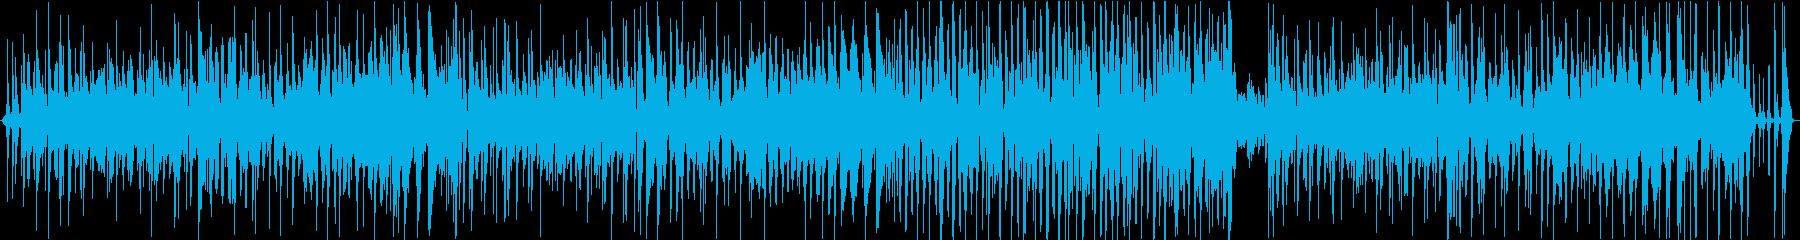 ラテン ジャズ ポップ ロック バ...の再生済みの波形